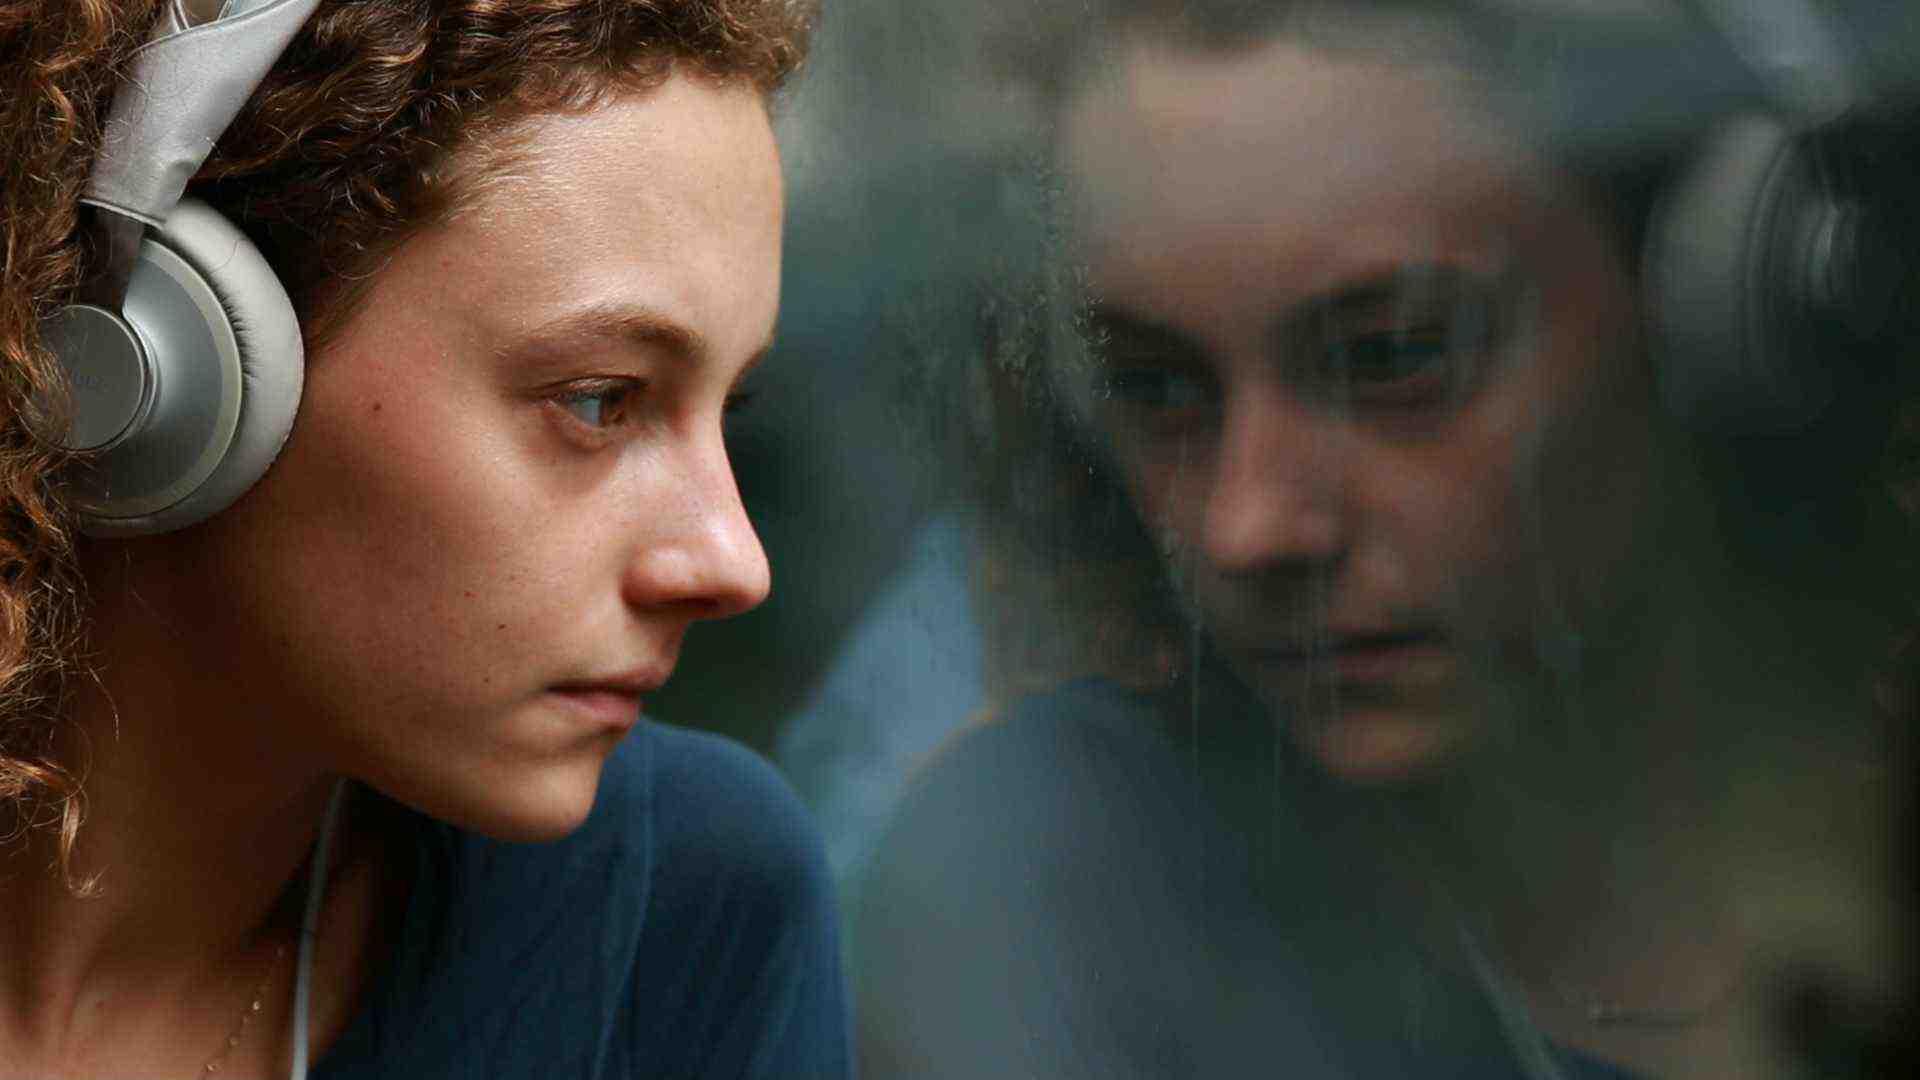 Le coeur net avec Alice de Lencquesaing un film écrit et réalisé par Caroline Pochon  produit par La rue du Mont Cenis en décembre 2014. A découvrir le 13 mars 2015 à la FEMIS...